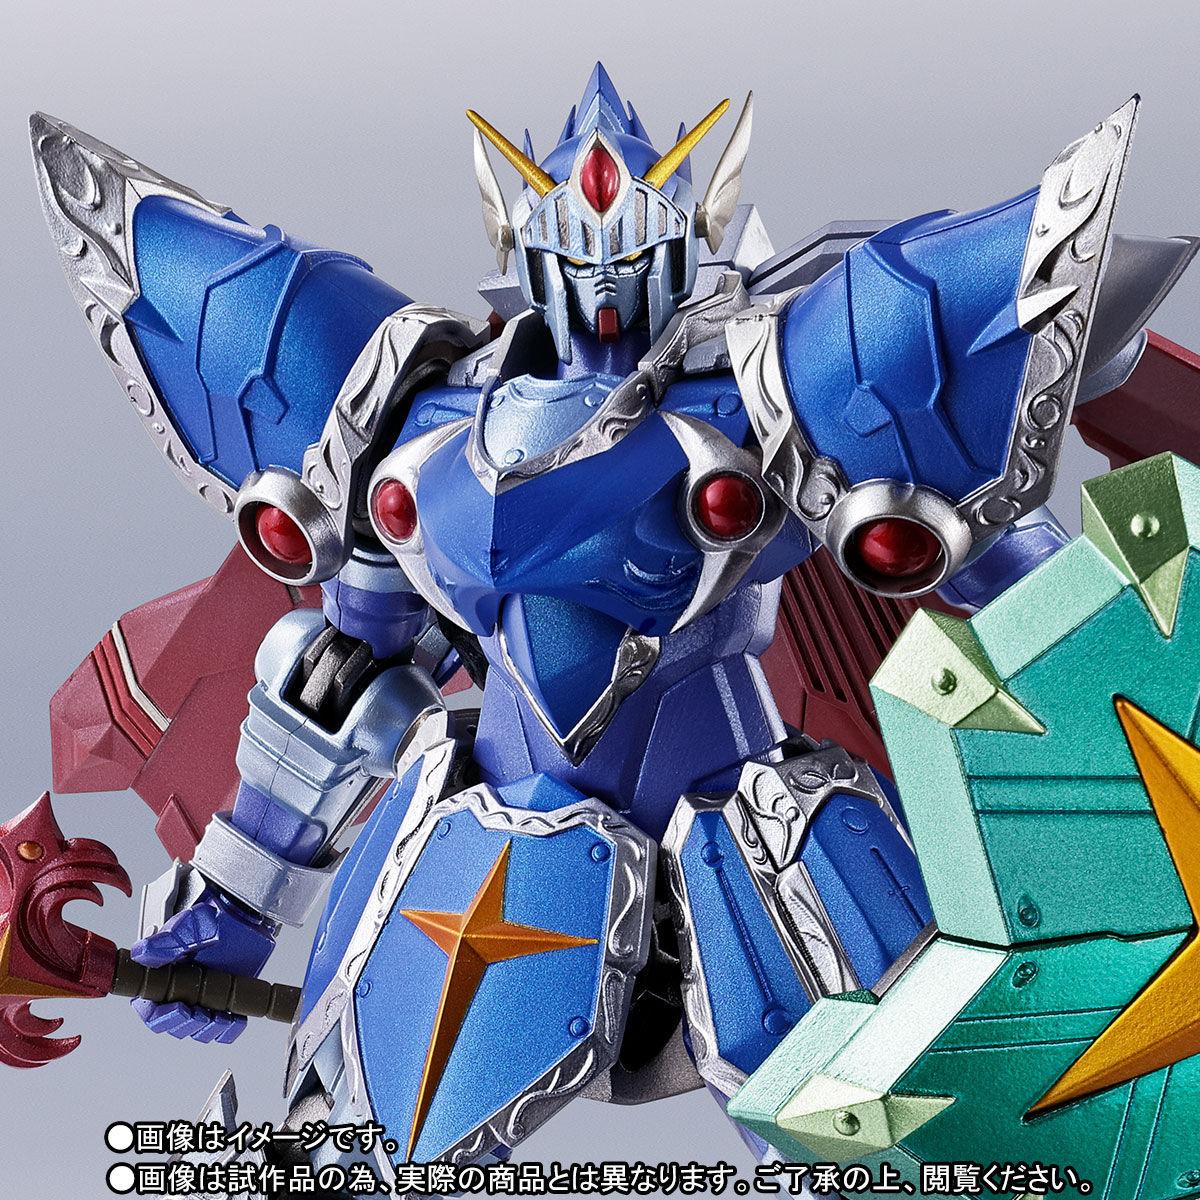 METAL ROBOT魂〈SIDE MS〉『フルアーマー騎士ガンダム(リアルタイプver.)|SDガンダム外伝』可動フィギュア-001